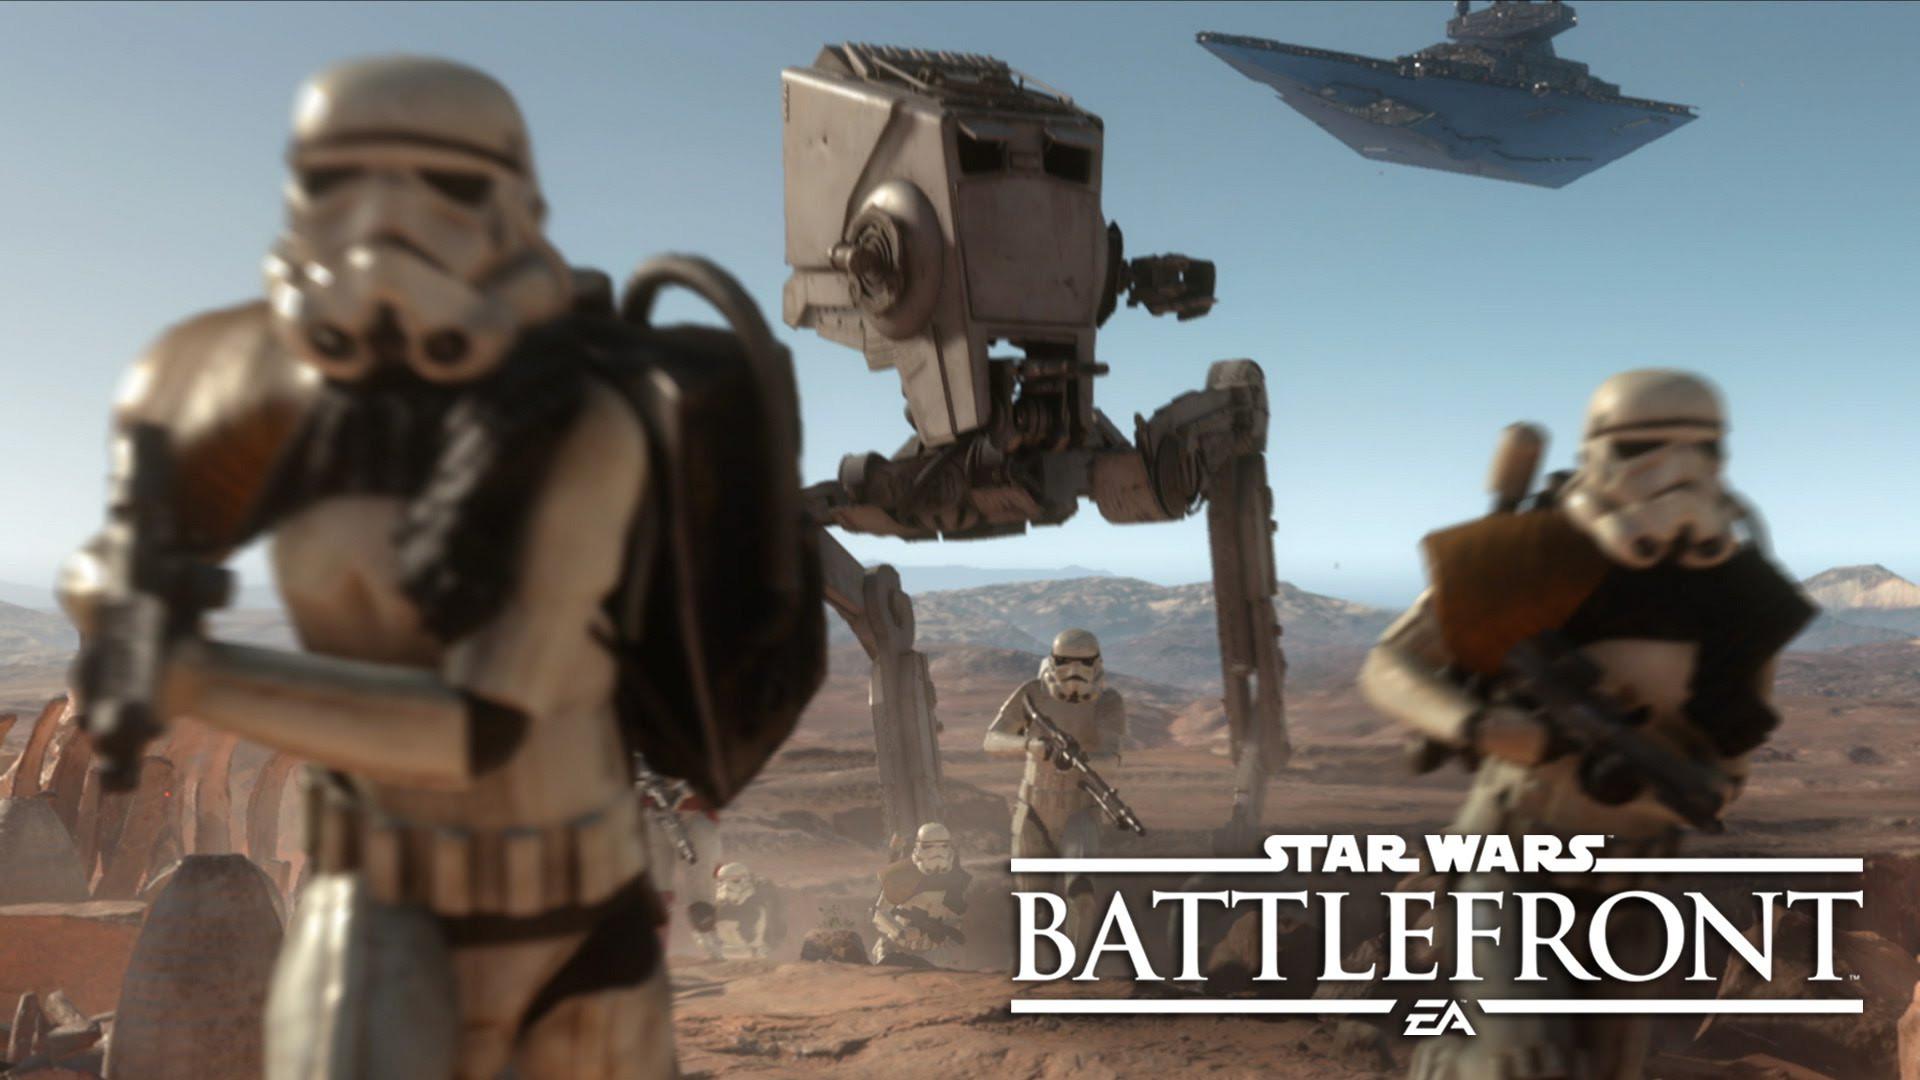 1447603864_star-wars-battlefront.jpg